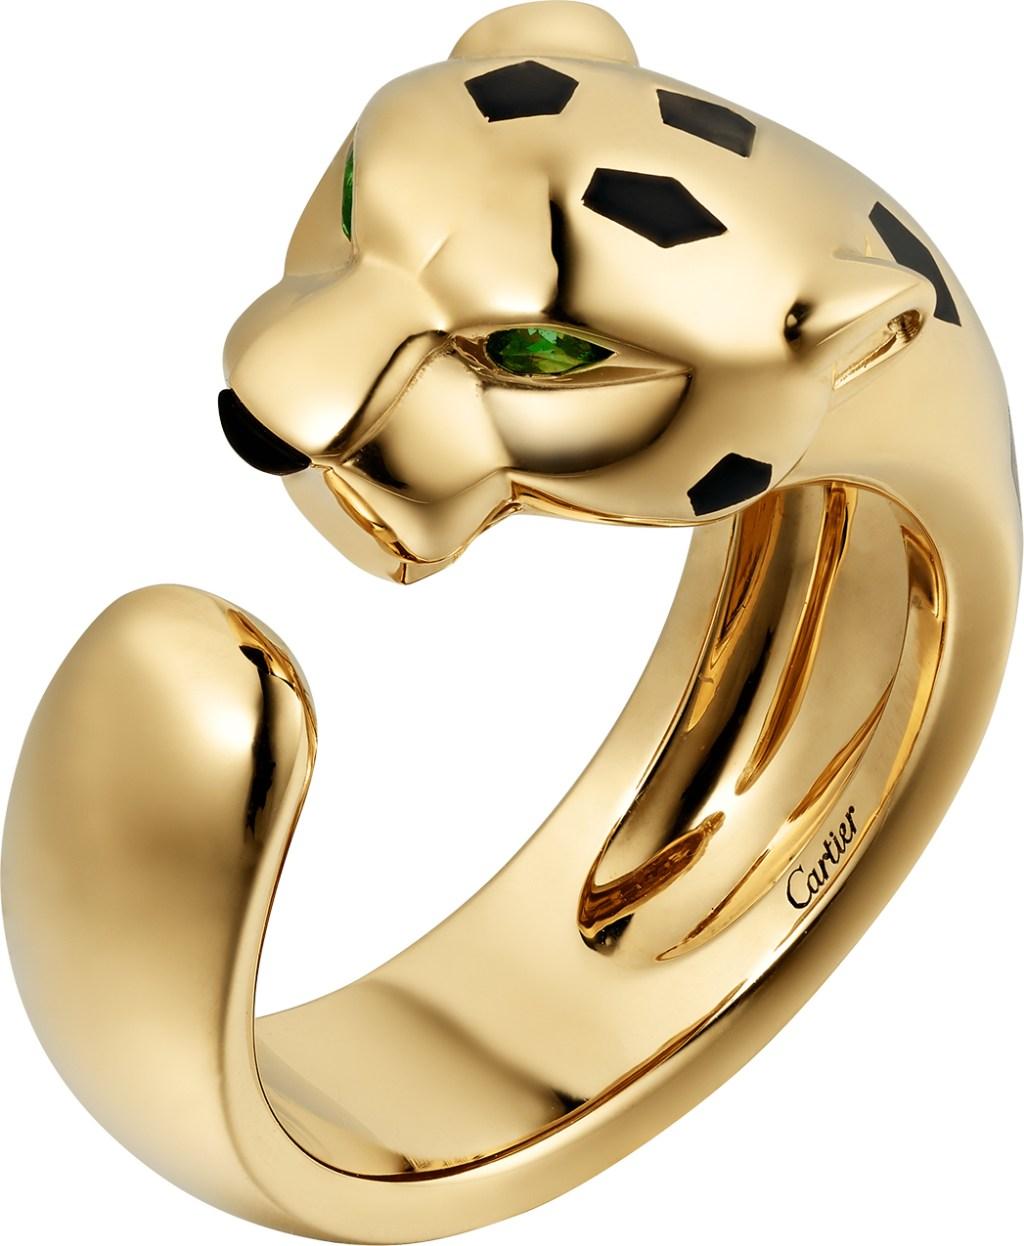 Cartier Jaguar Ring